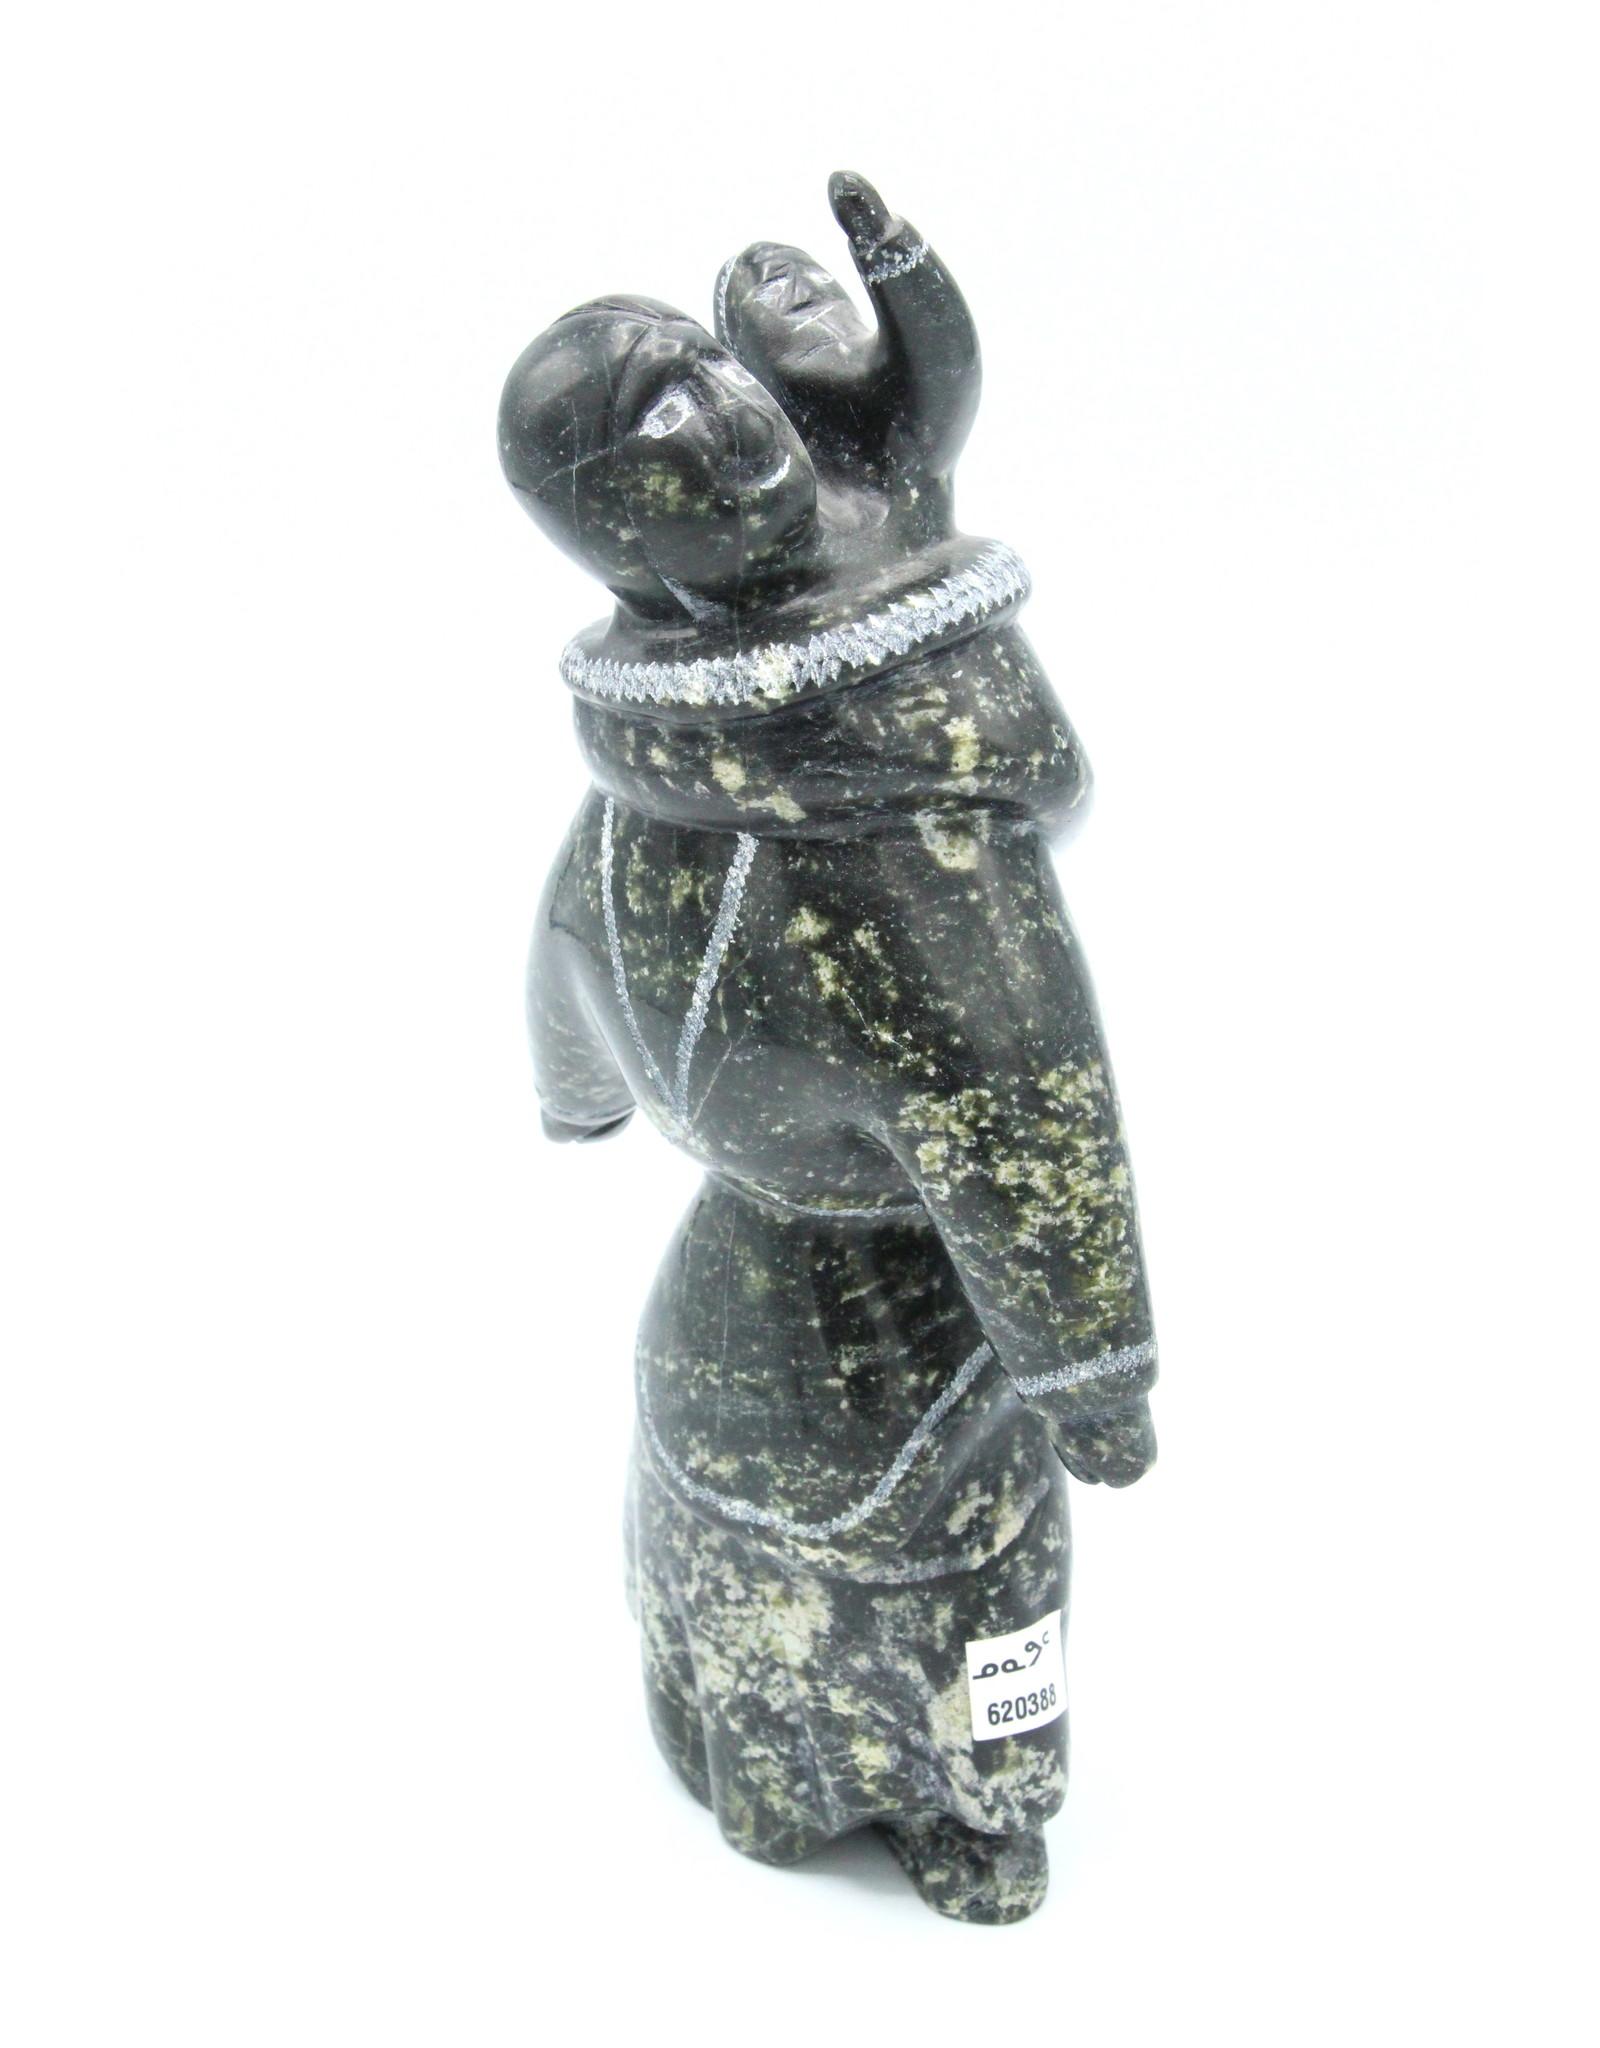 109-620388 Mother & Child by Mary Oshutsiak